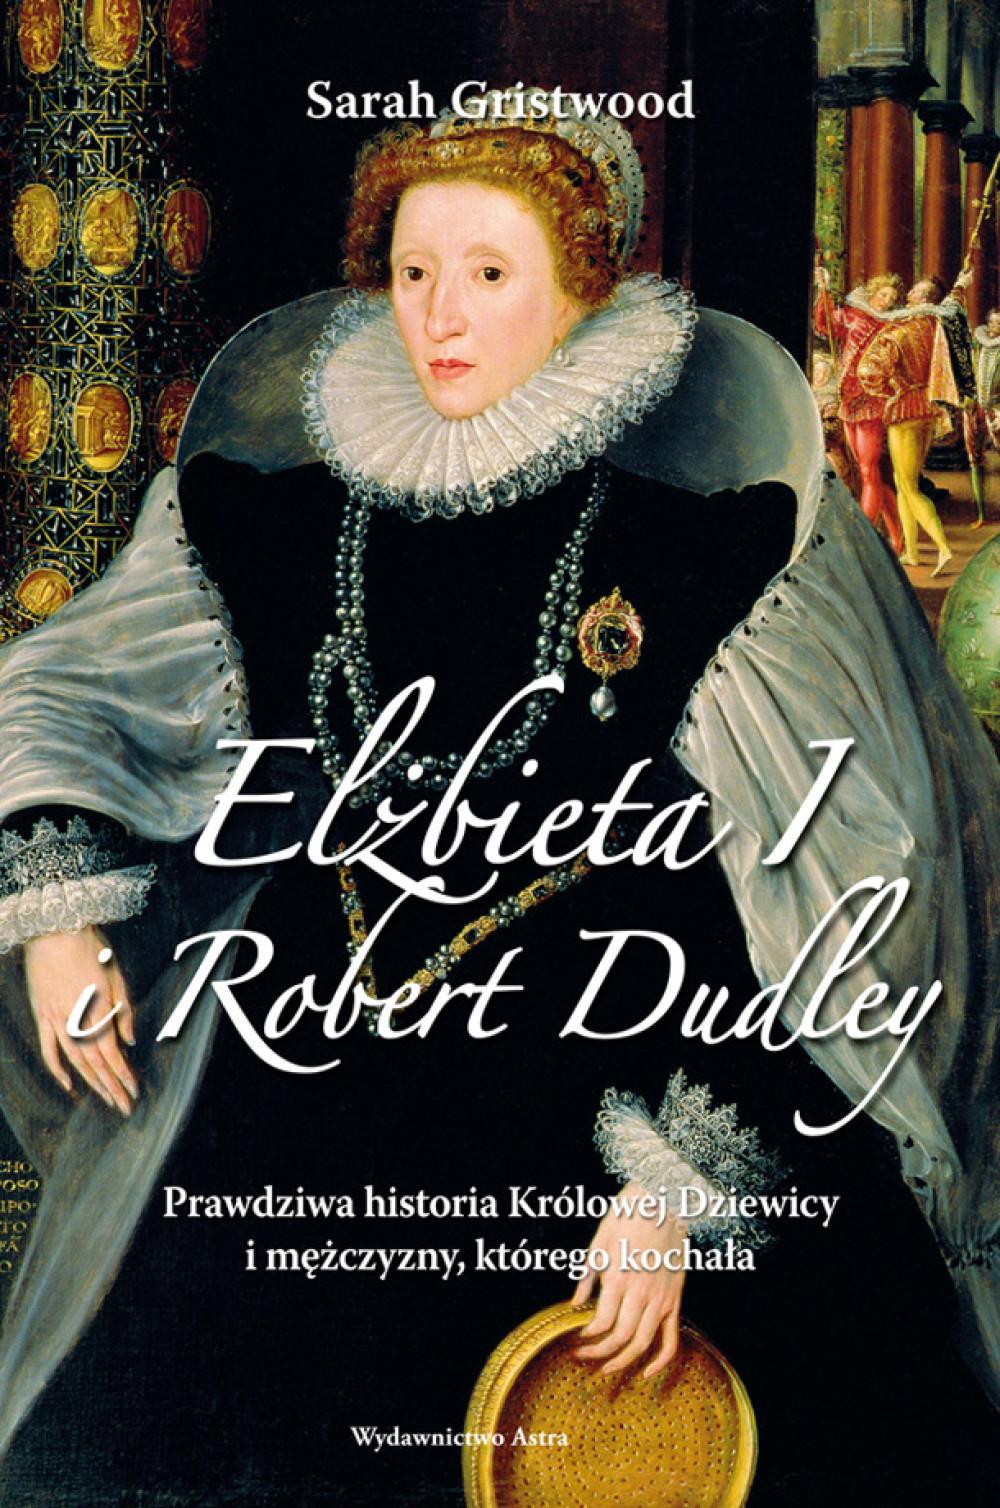 Elżbieta I i Robert Dudley. Prawdziwa historia Królowej Dziewicy i mężczyzny, którego kochała ebook